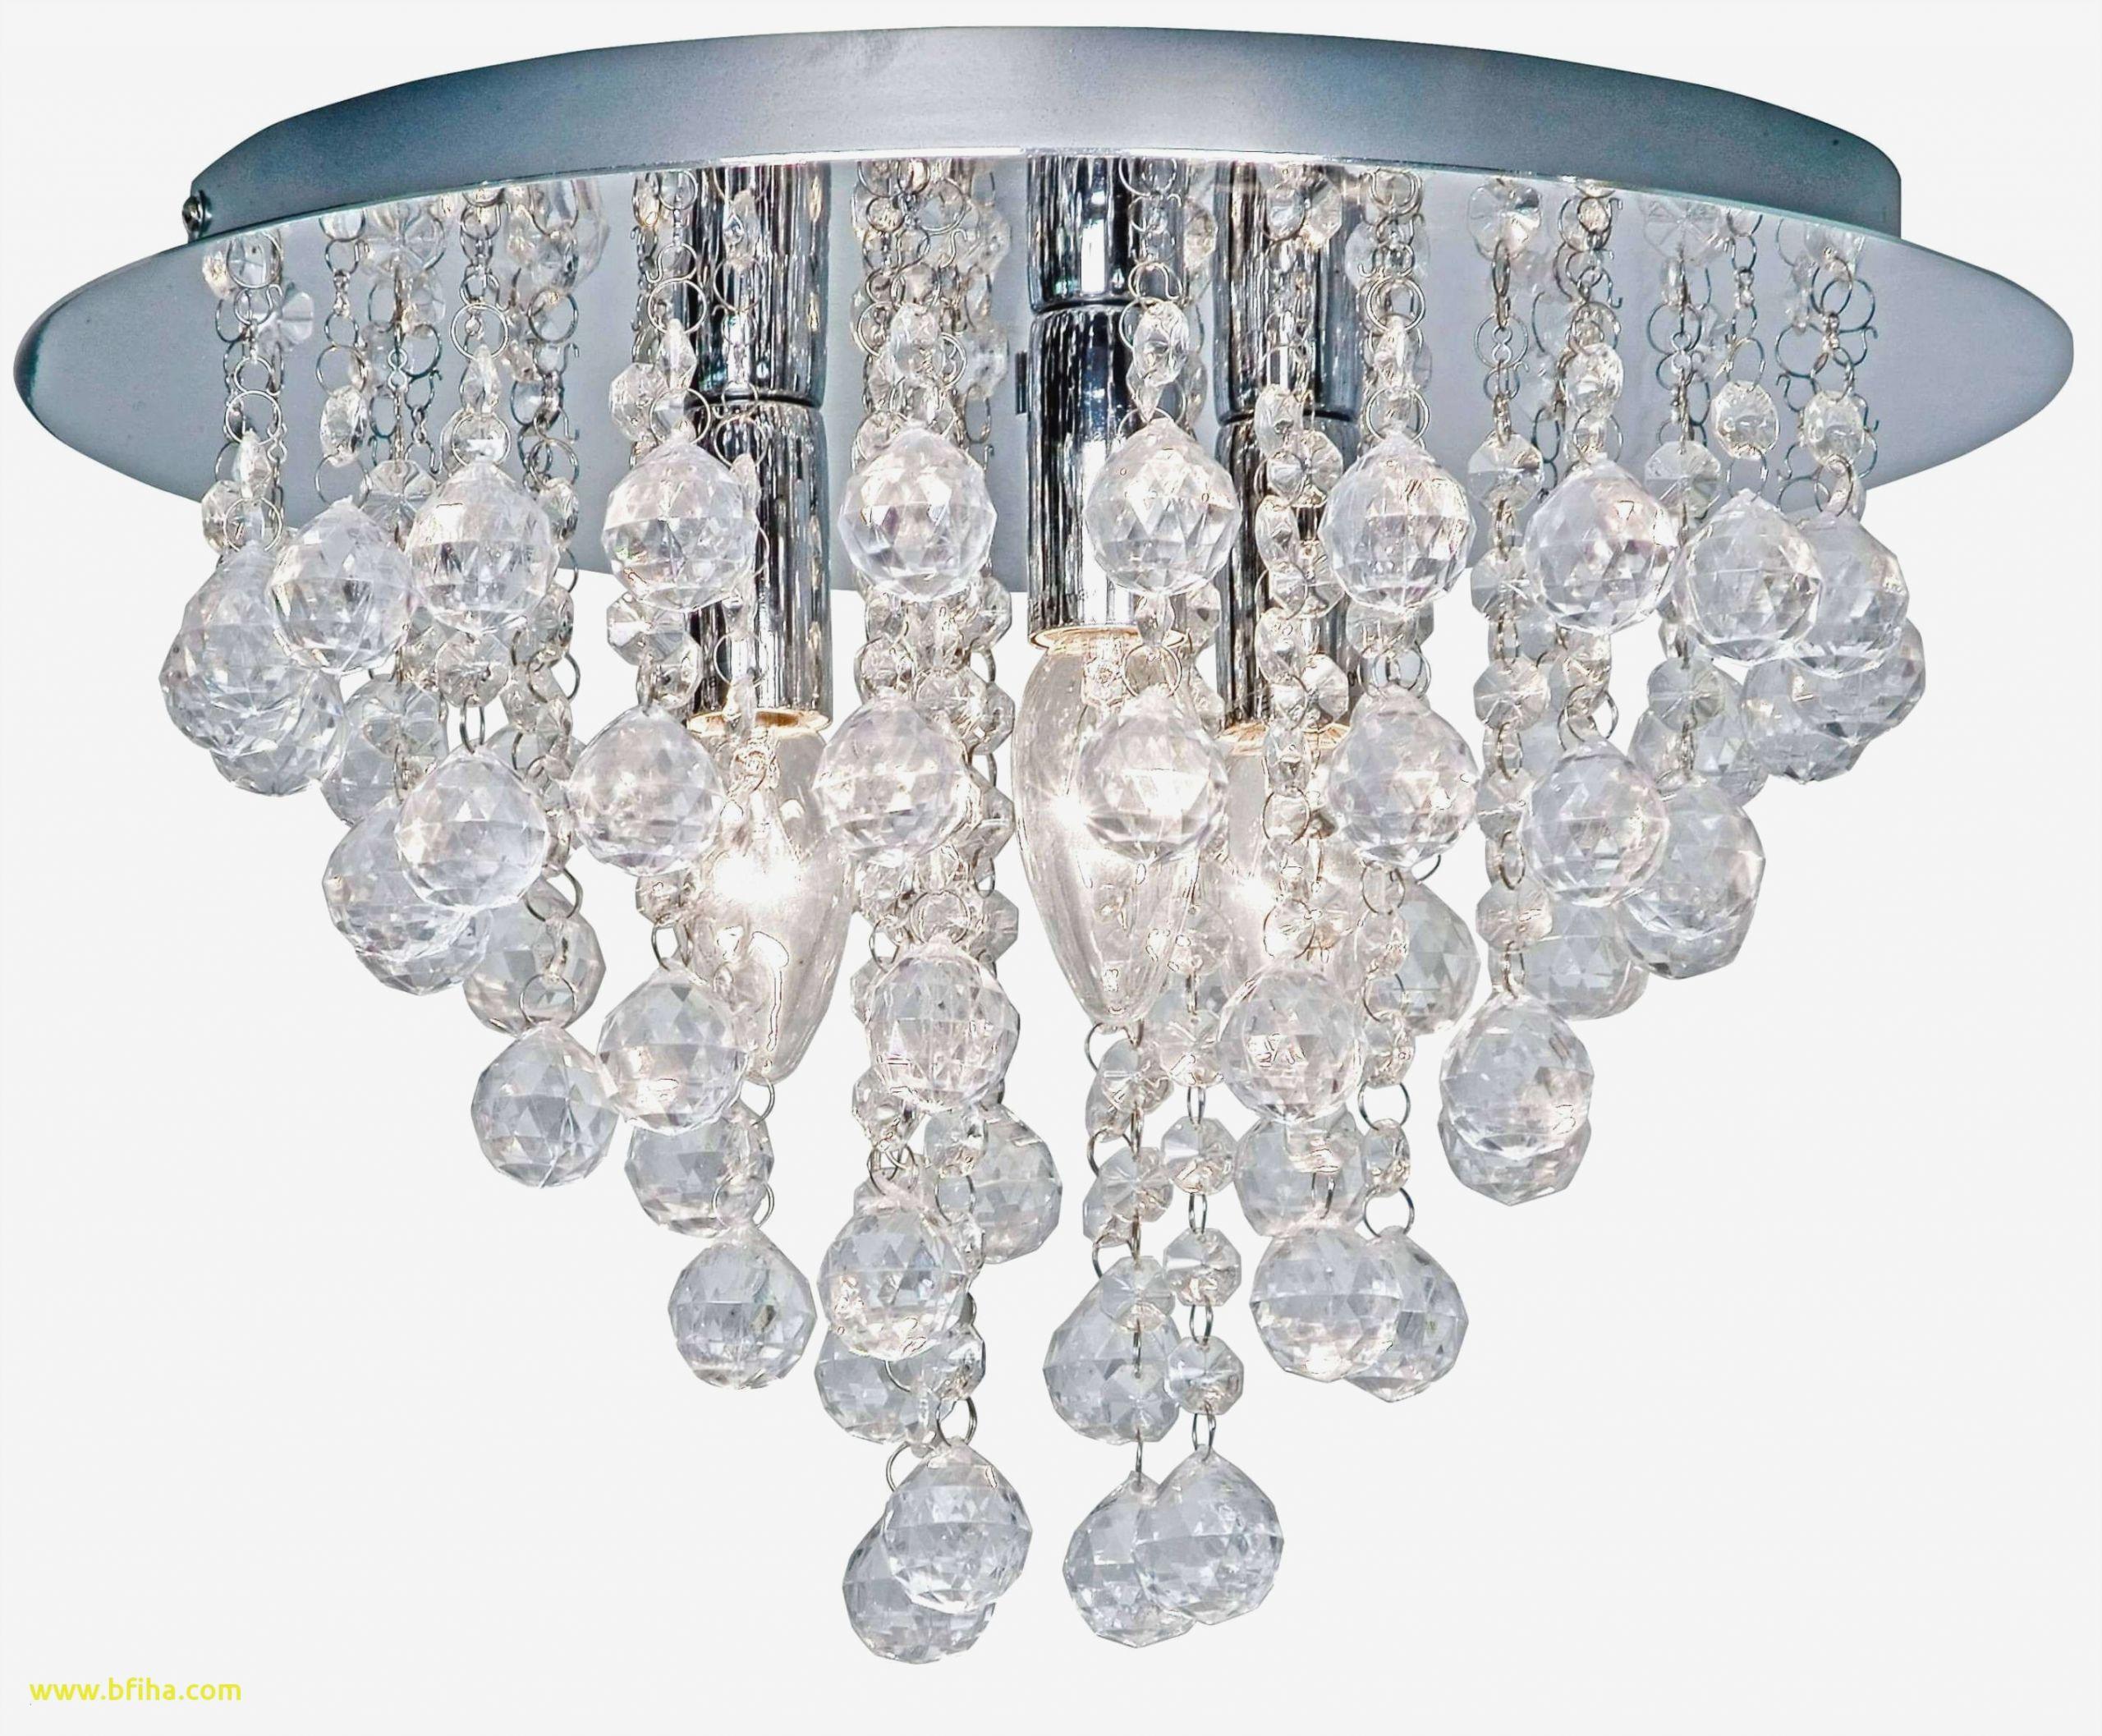 Full Size of Lampe Schlafzimmer Ikea Lampen Led Dimmbar Traumhaus Landhaus Deckenlampe Komplett Poco Rauch Massivholz Mit überbau Badezimmer Decke Weiss Deckenlampen Schlafzimmer Lampe Schlafzimmer